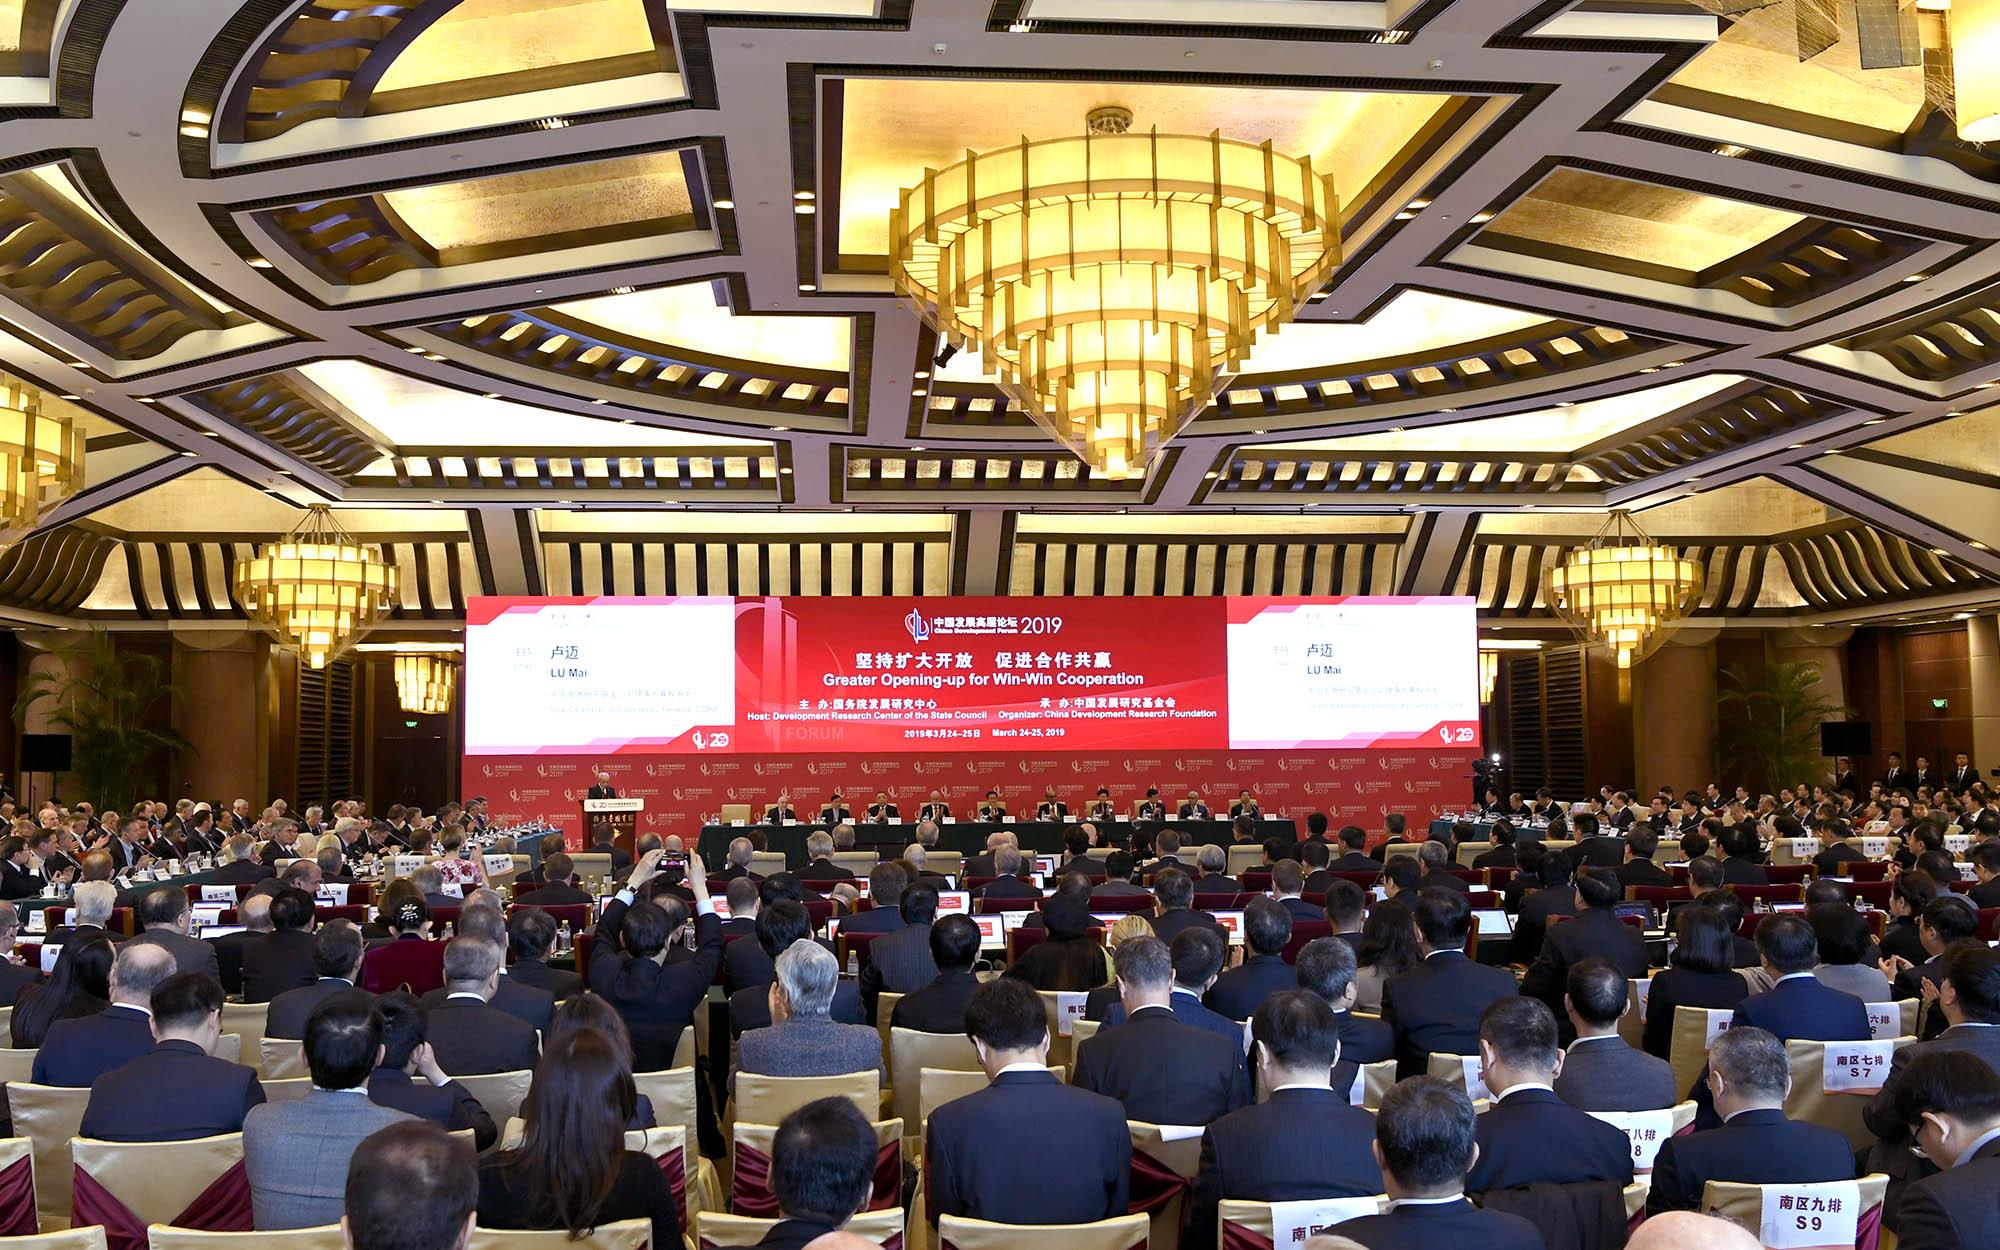 2019中国发展高层论坛会场全景